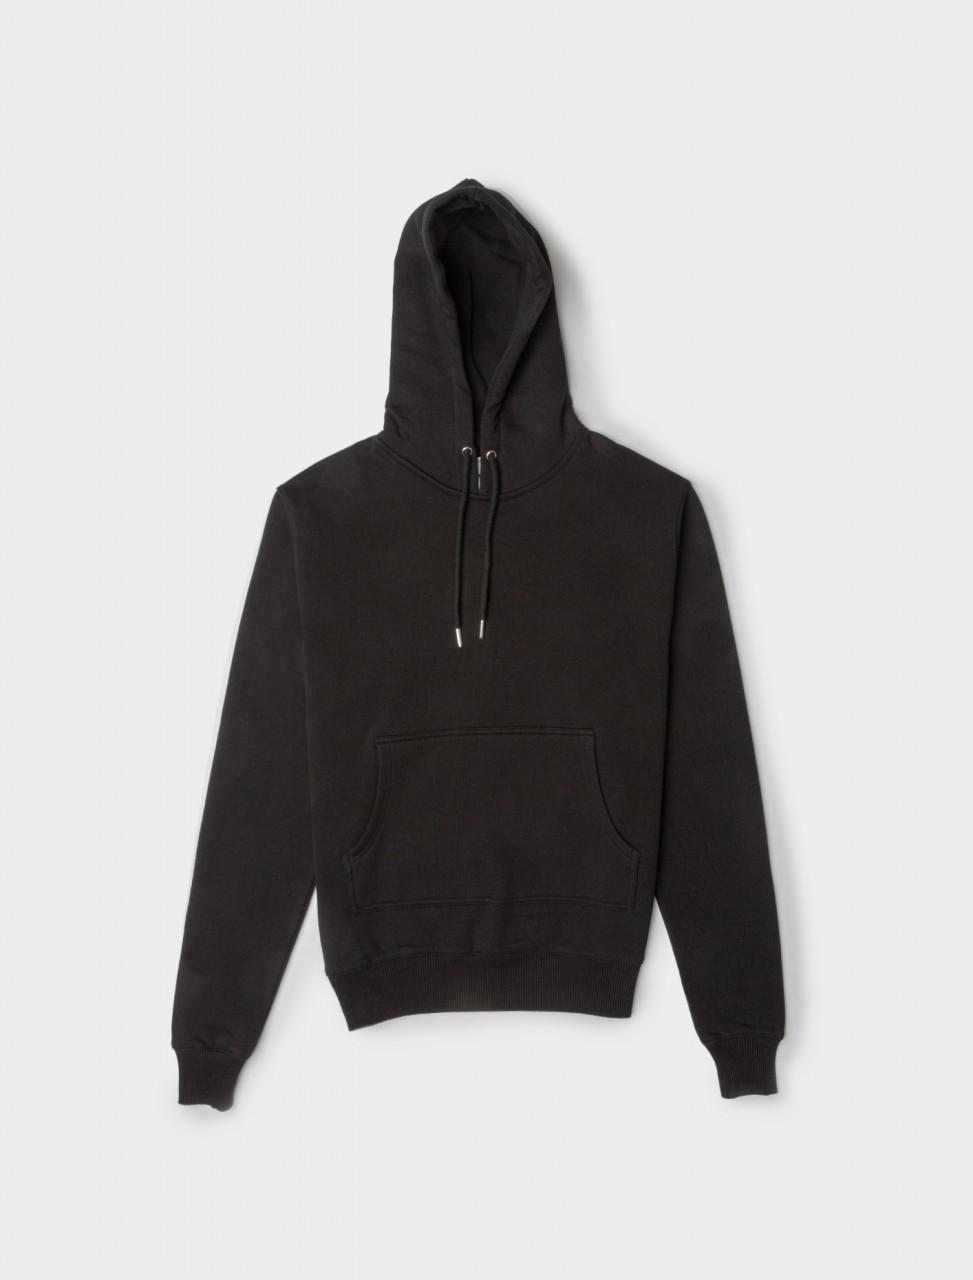 Y Hoodie in Black